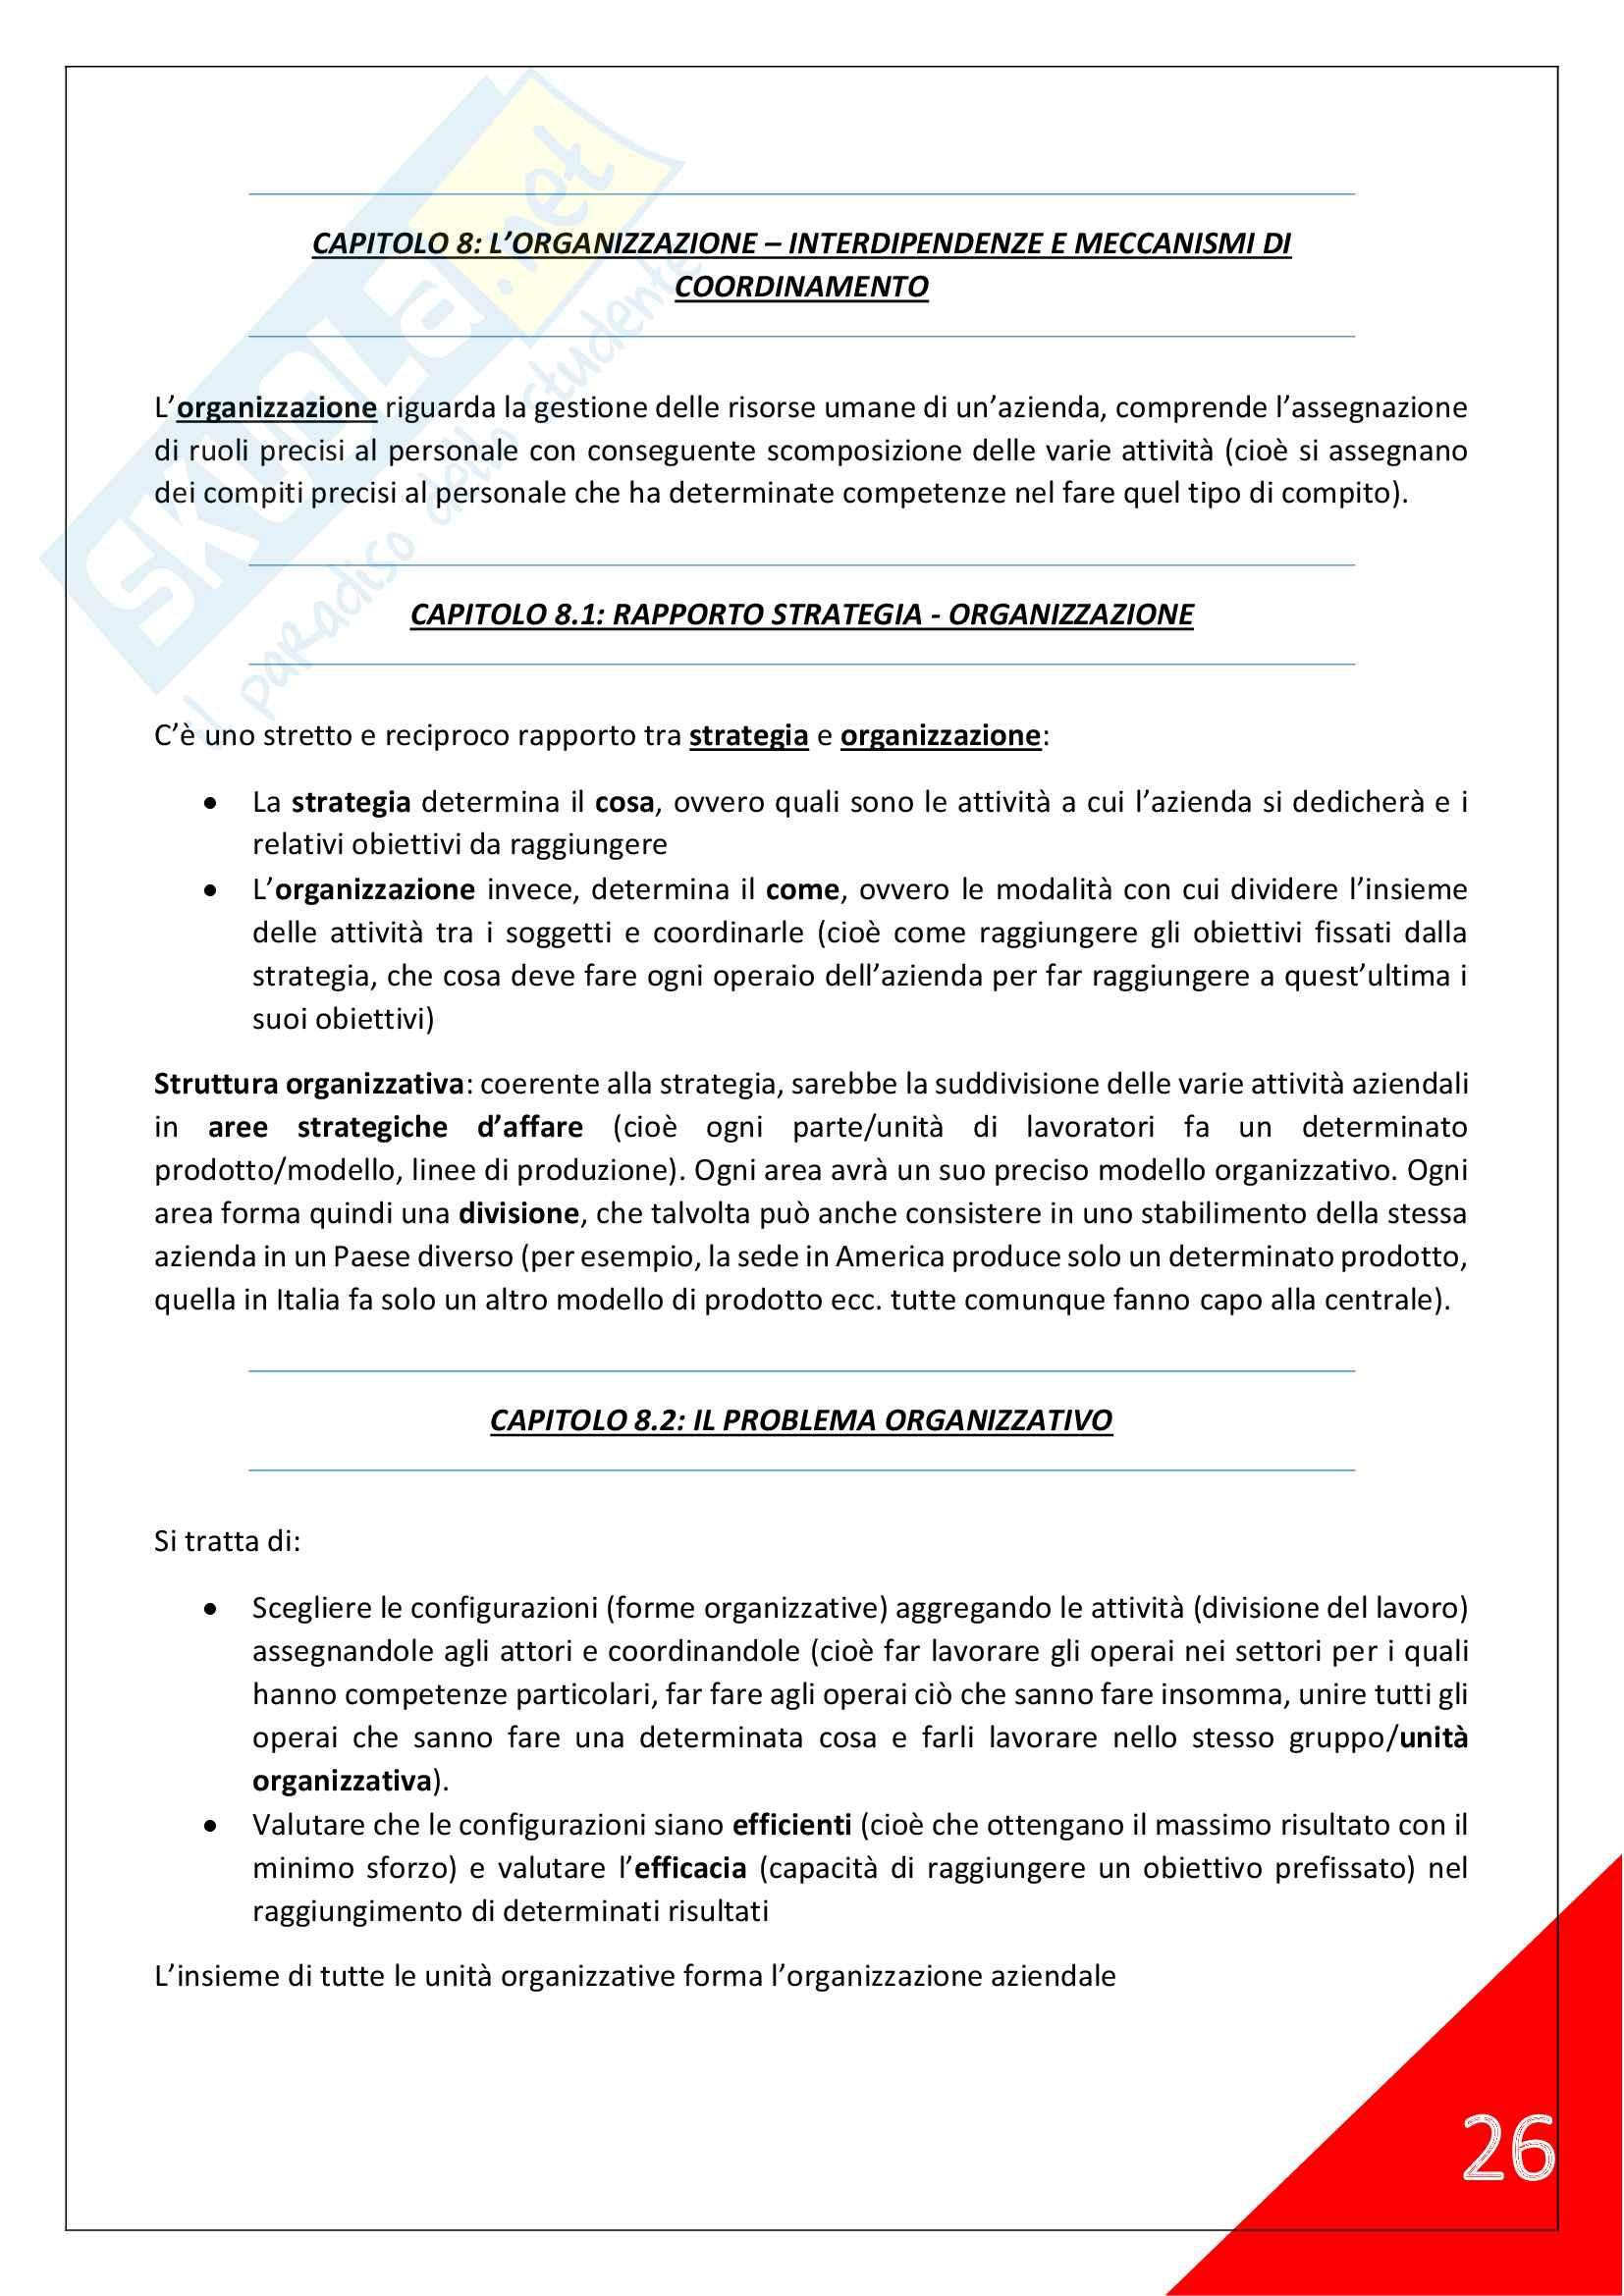 Economia Aziendale - 1° Anno Scienze Motorie Pag. 26